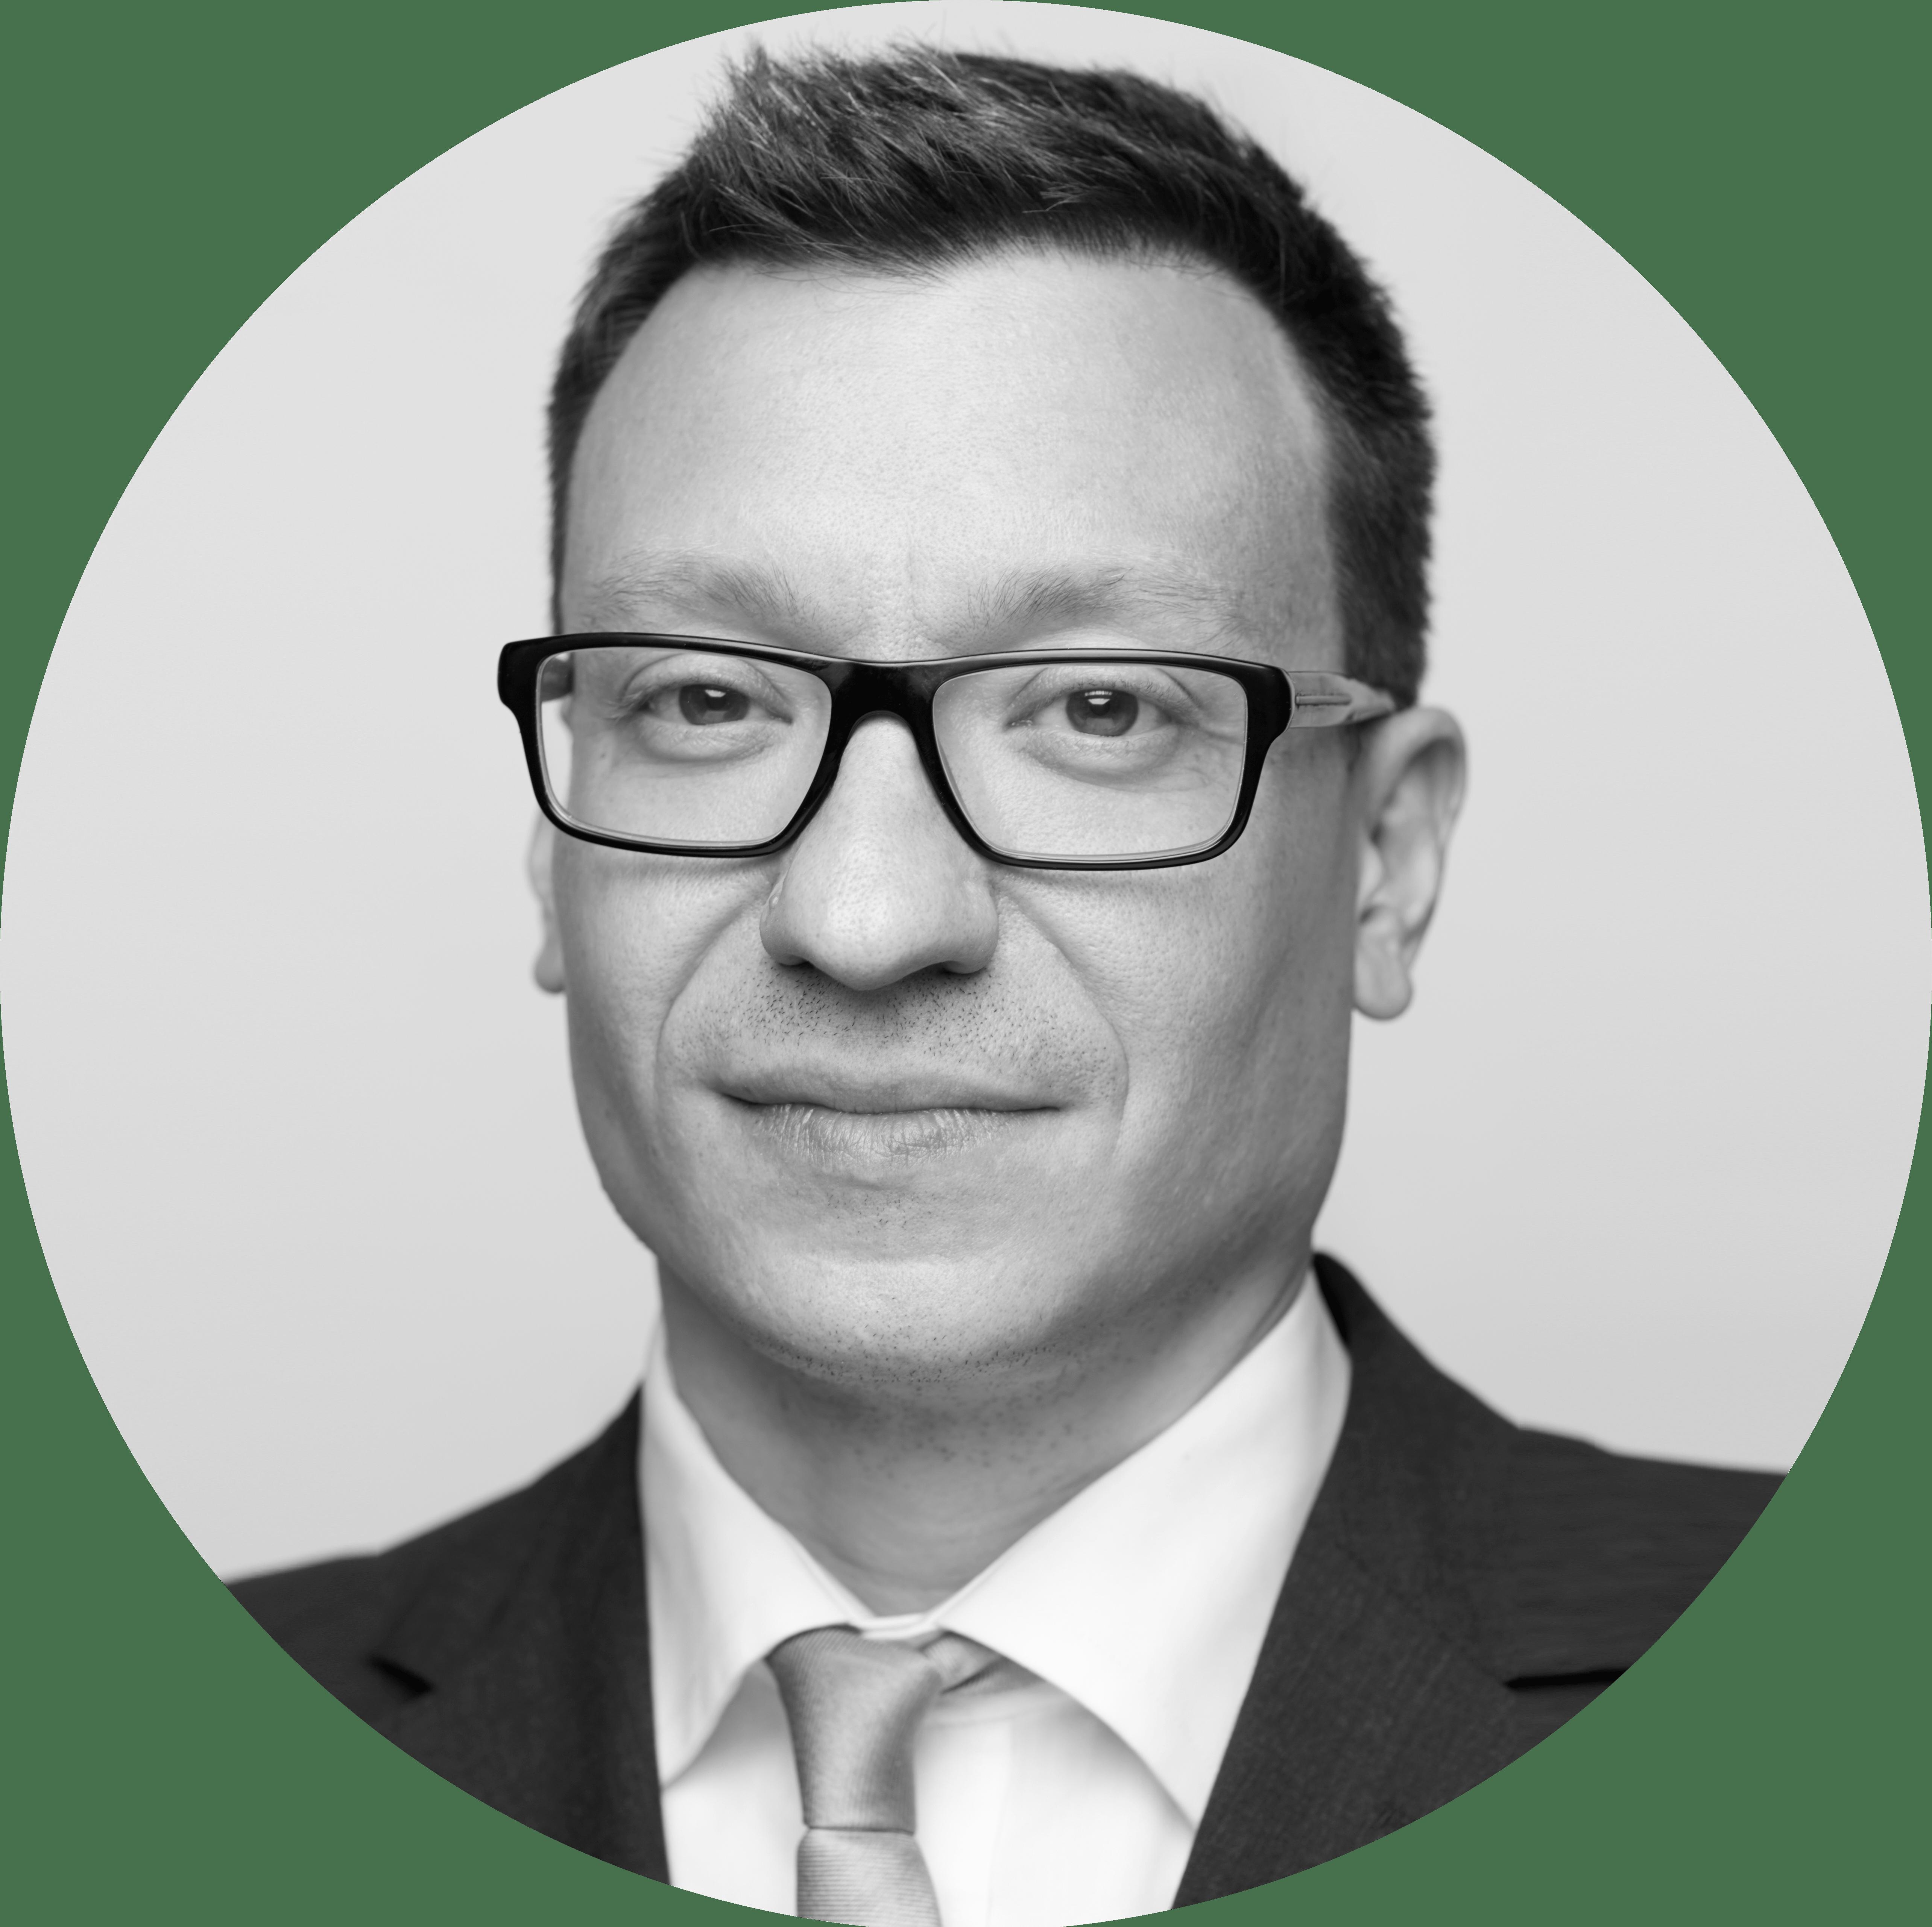 Florian Riess